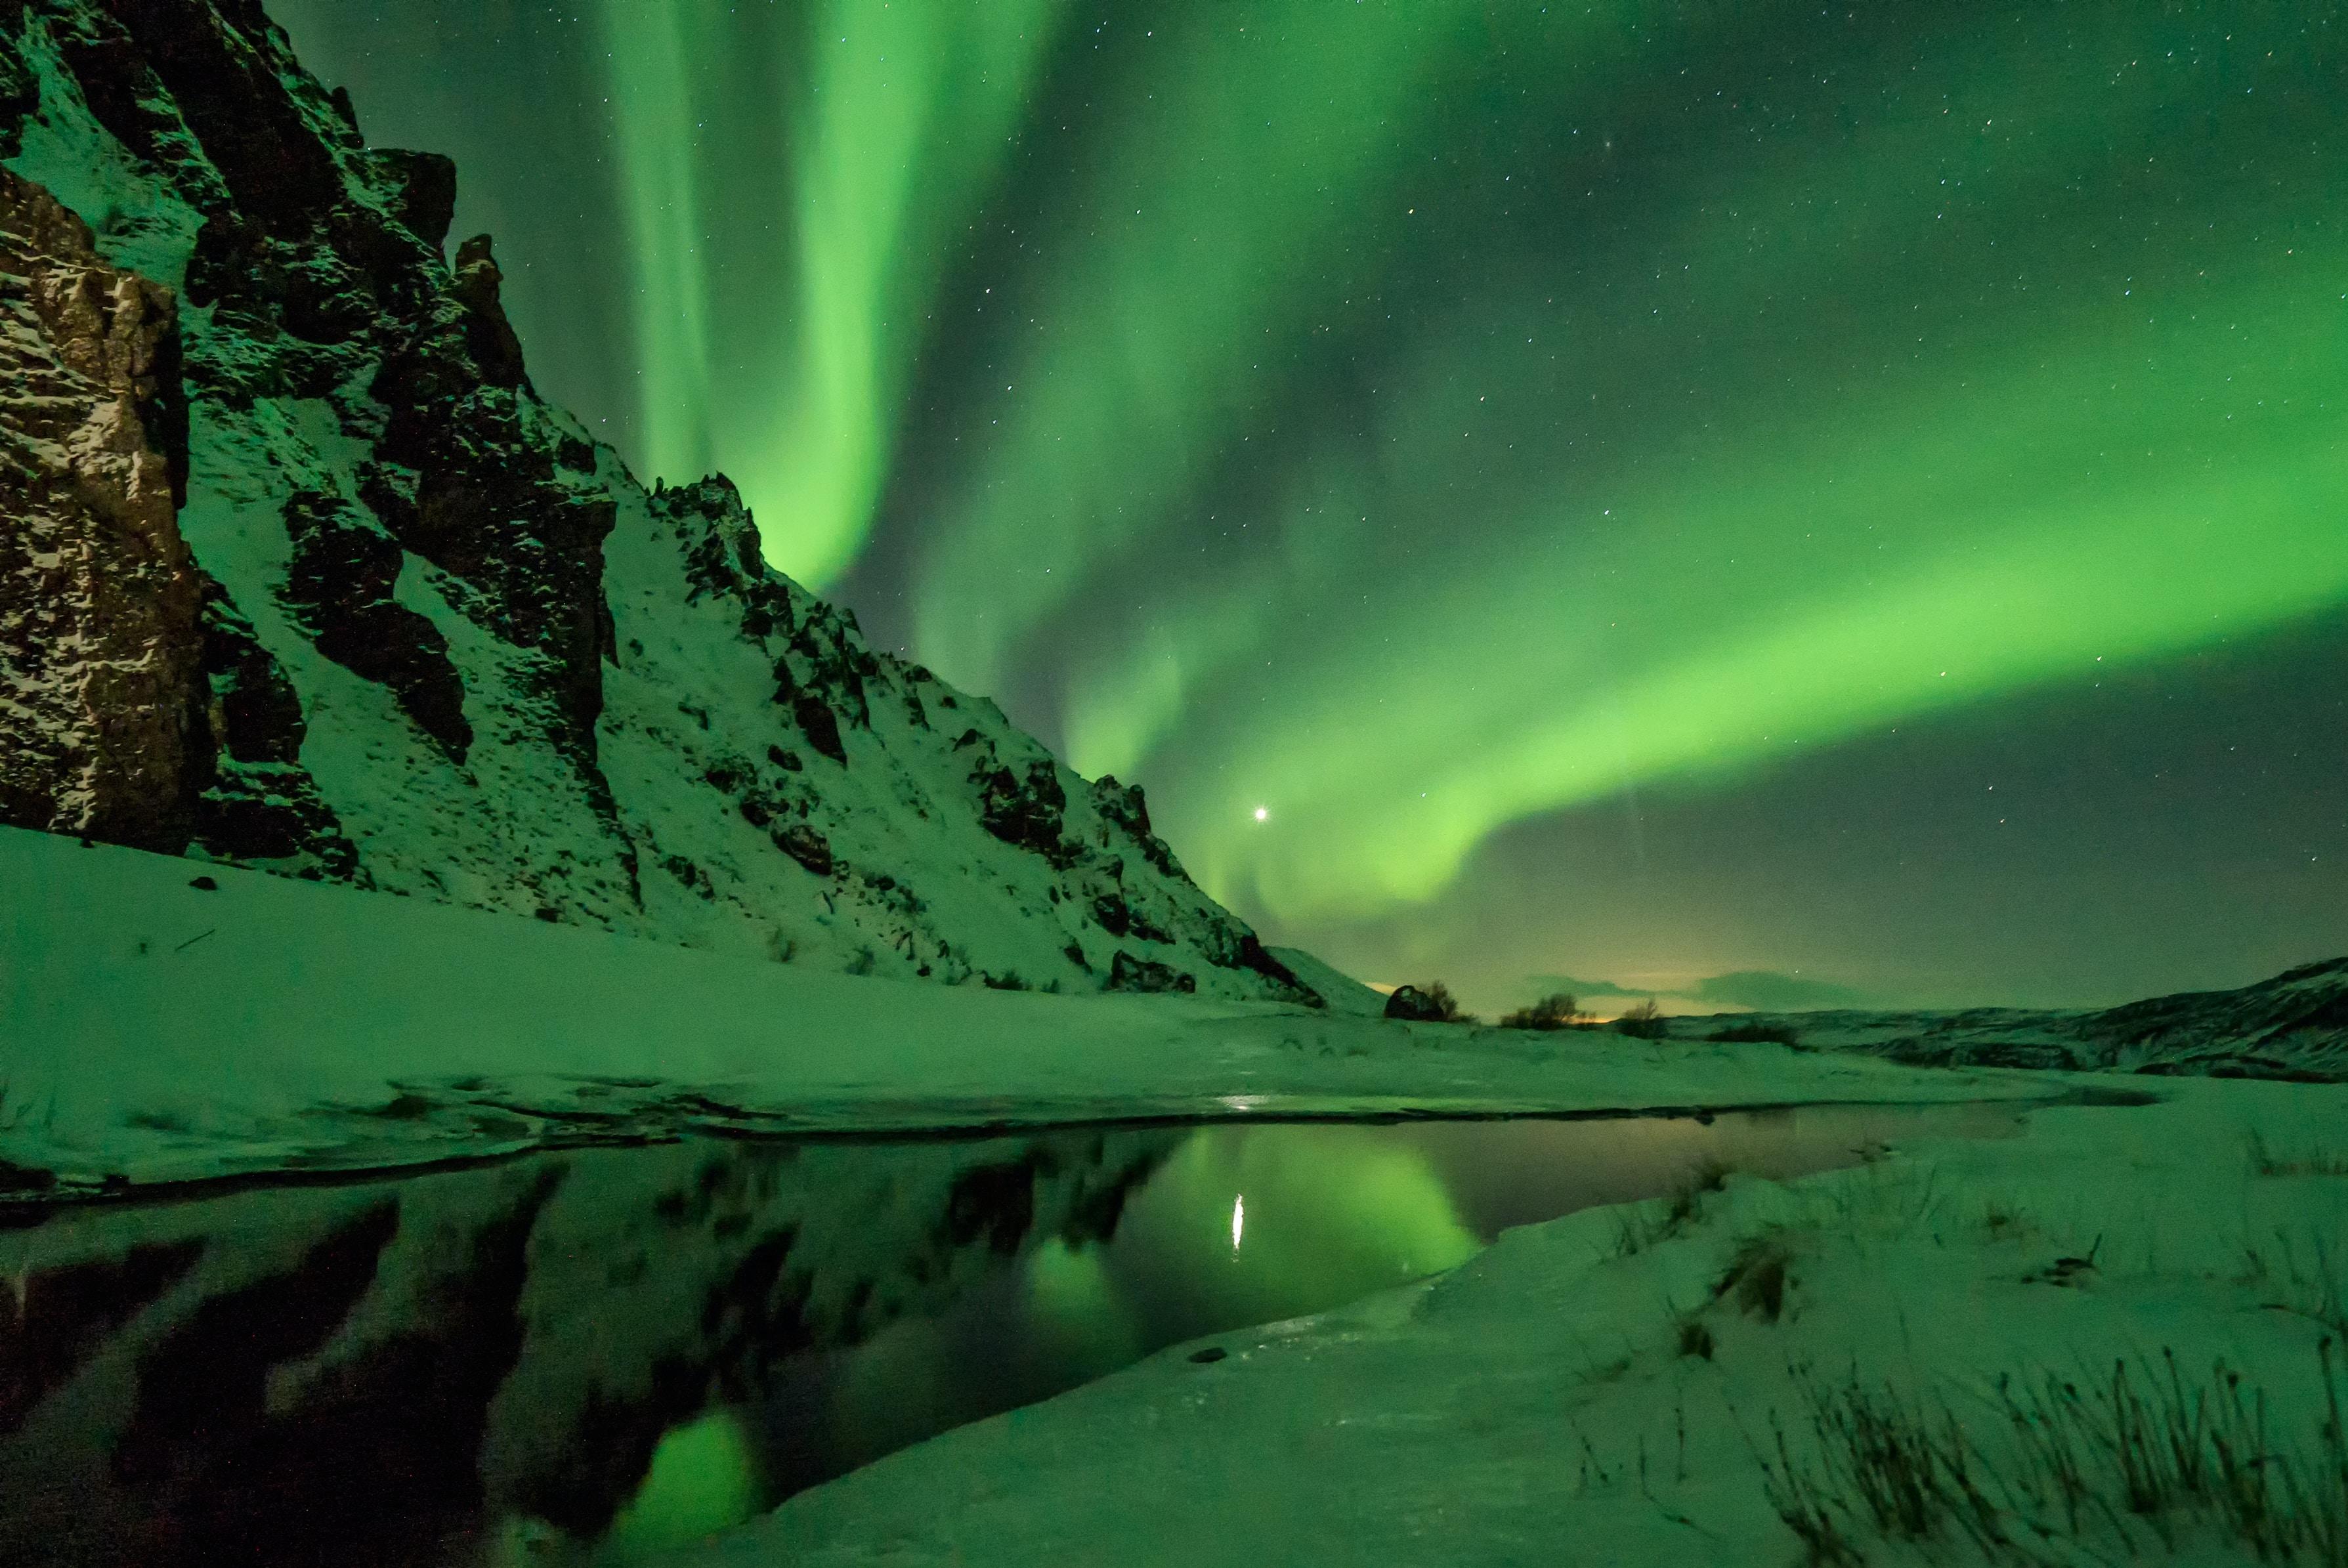 snow covered mountain with aurora borealis